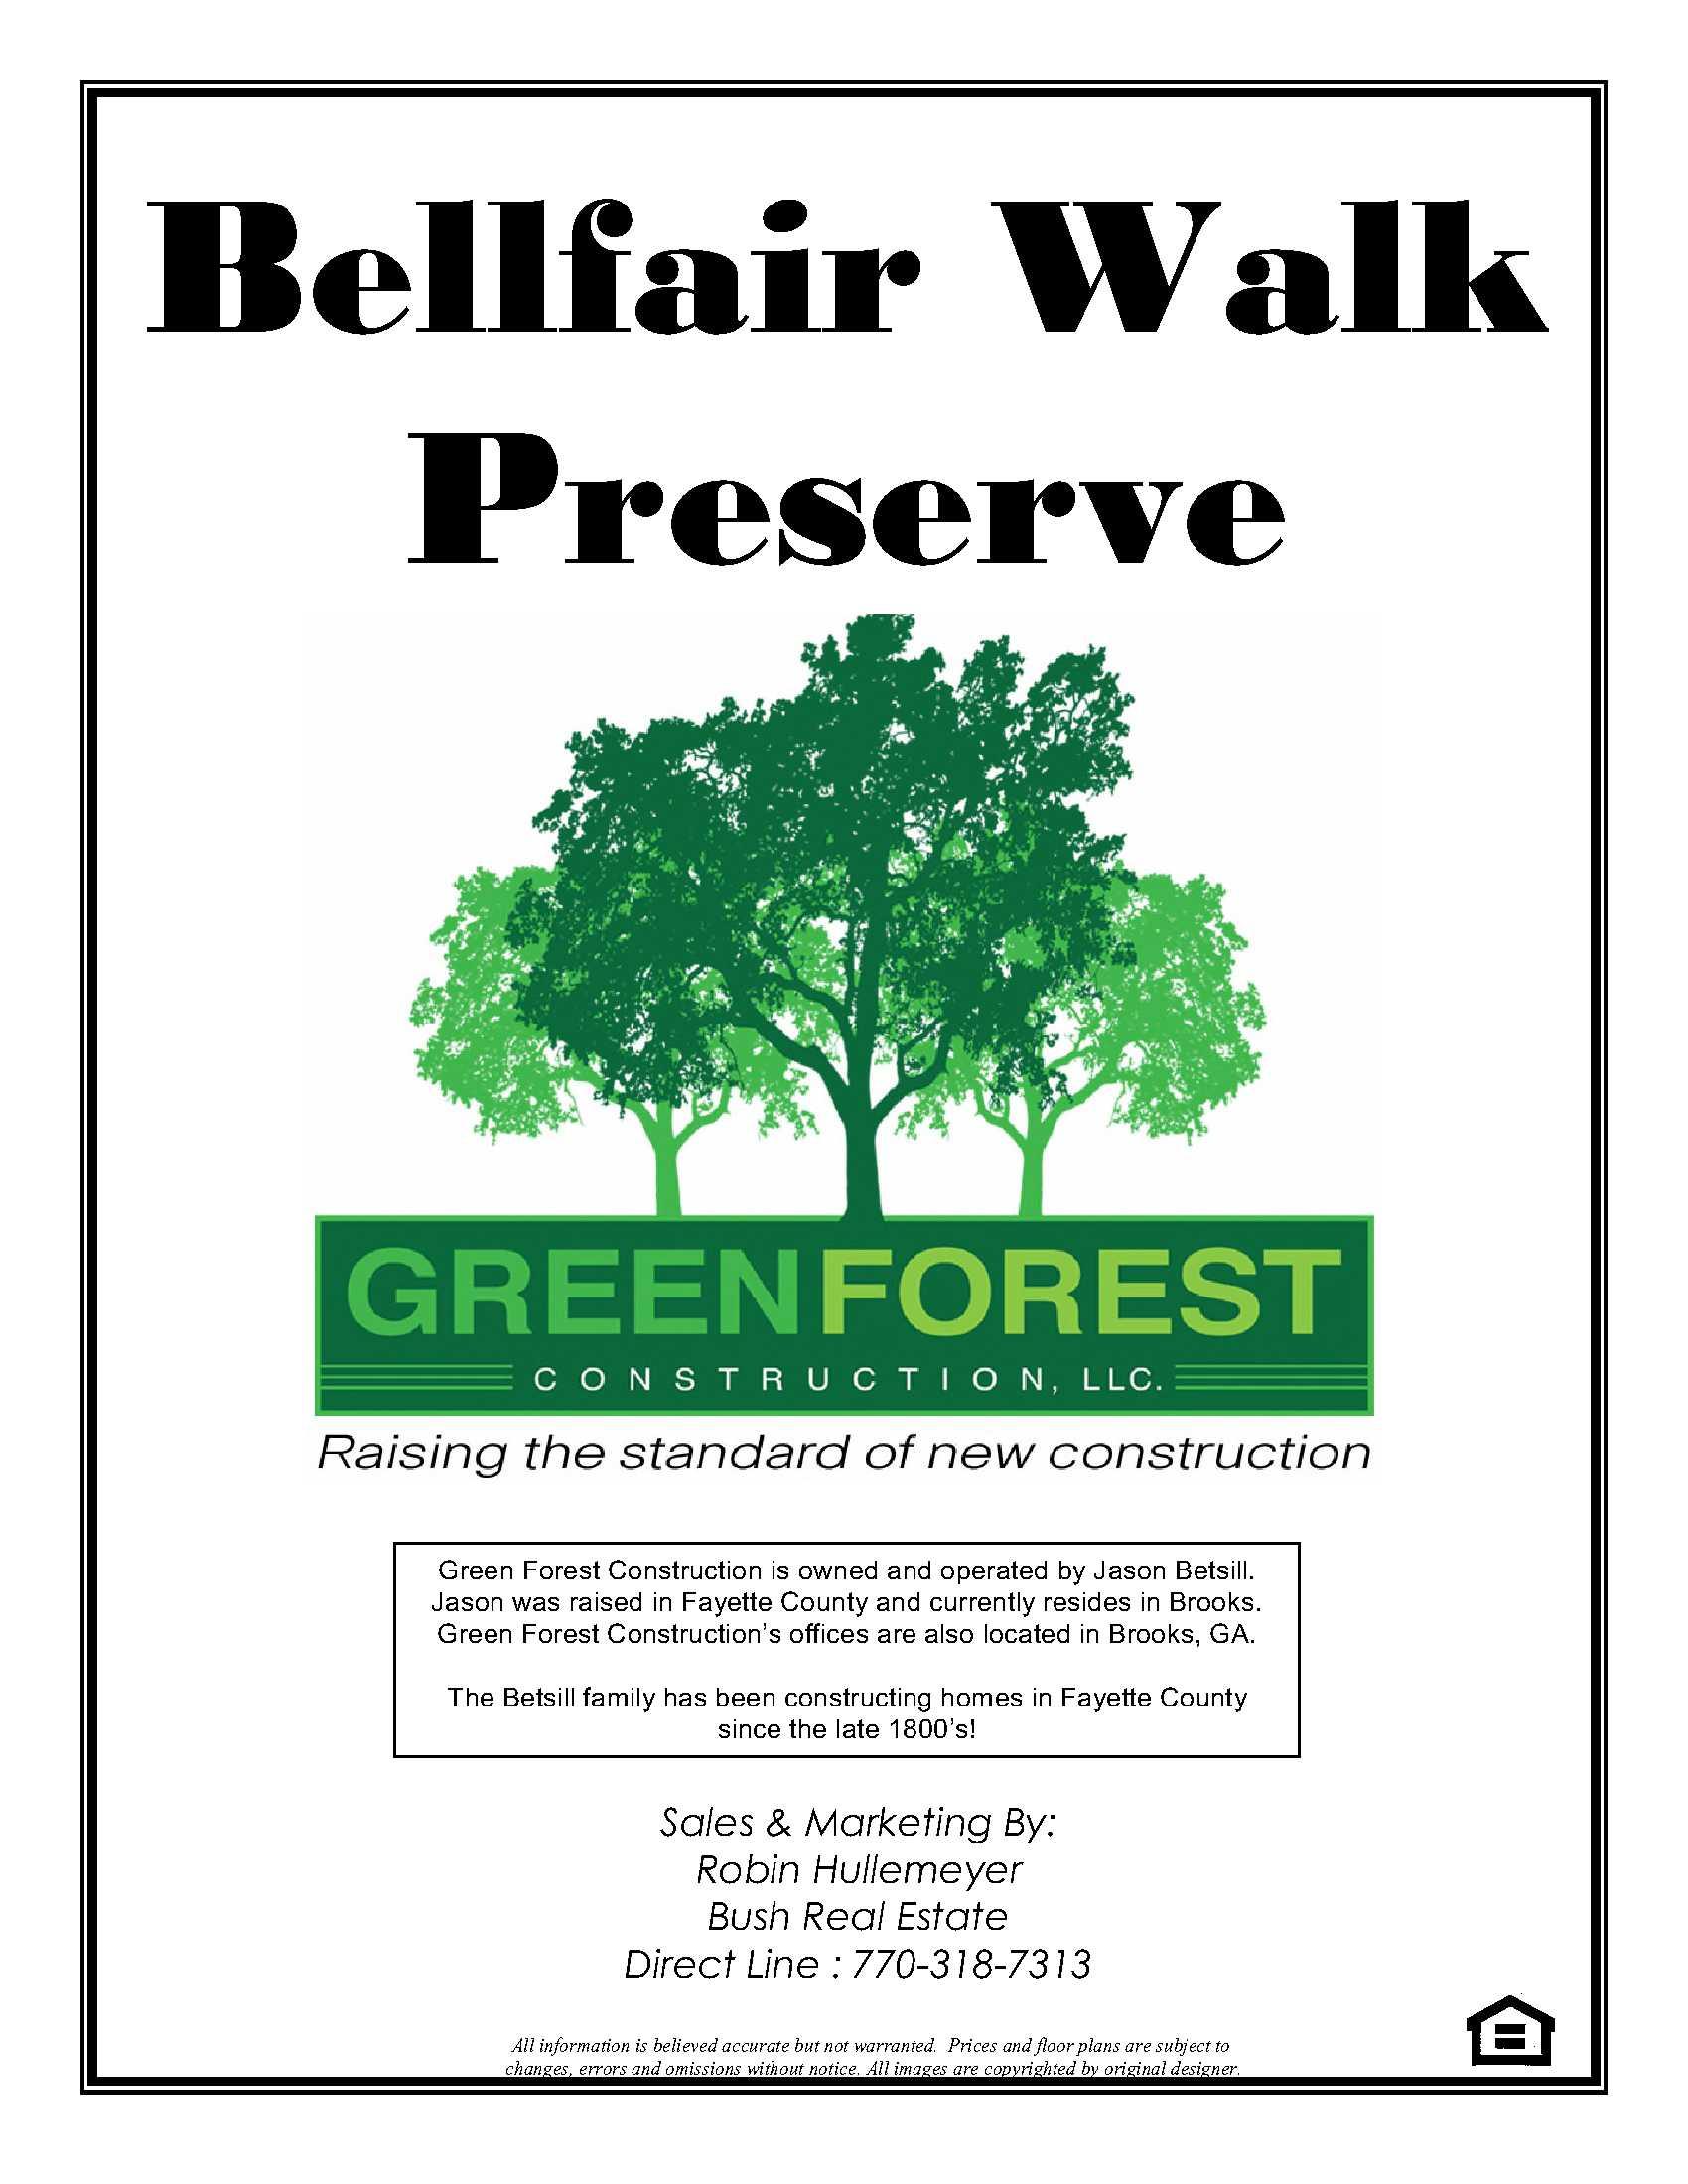 03.13.17 - Bellfair Walk Full Package_1.jpg